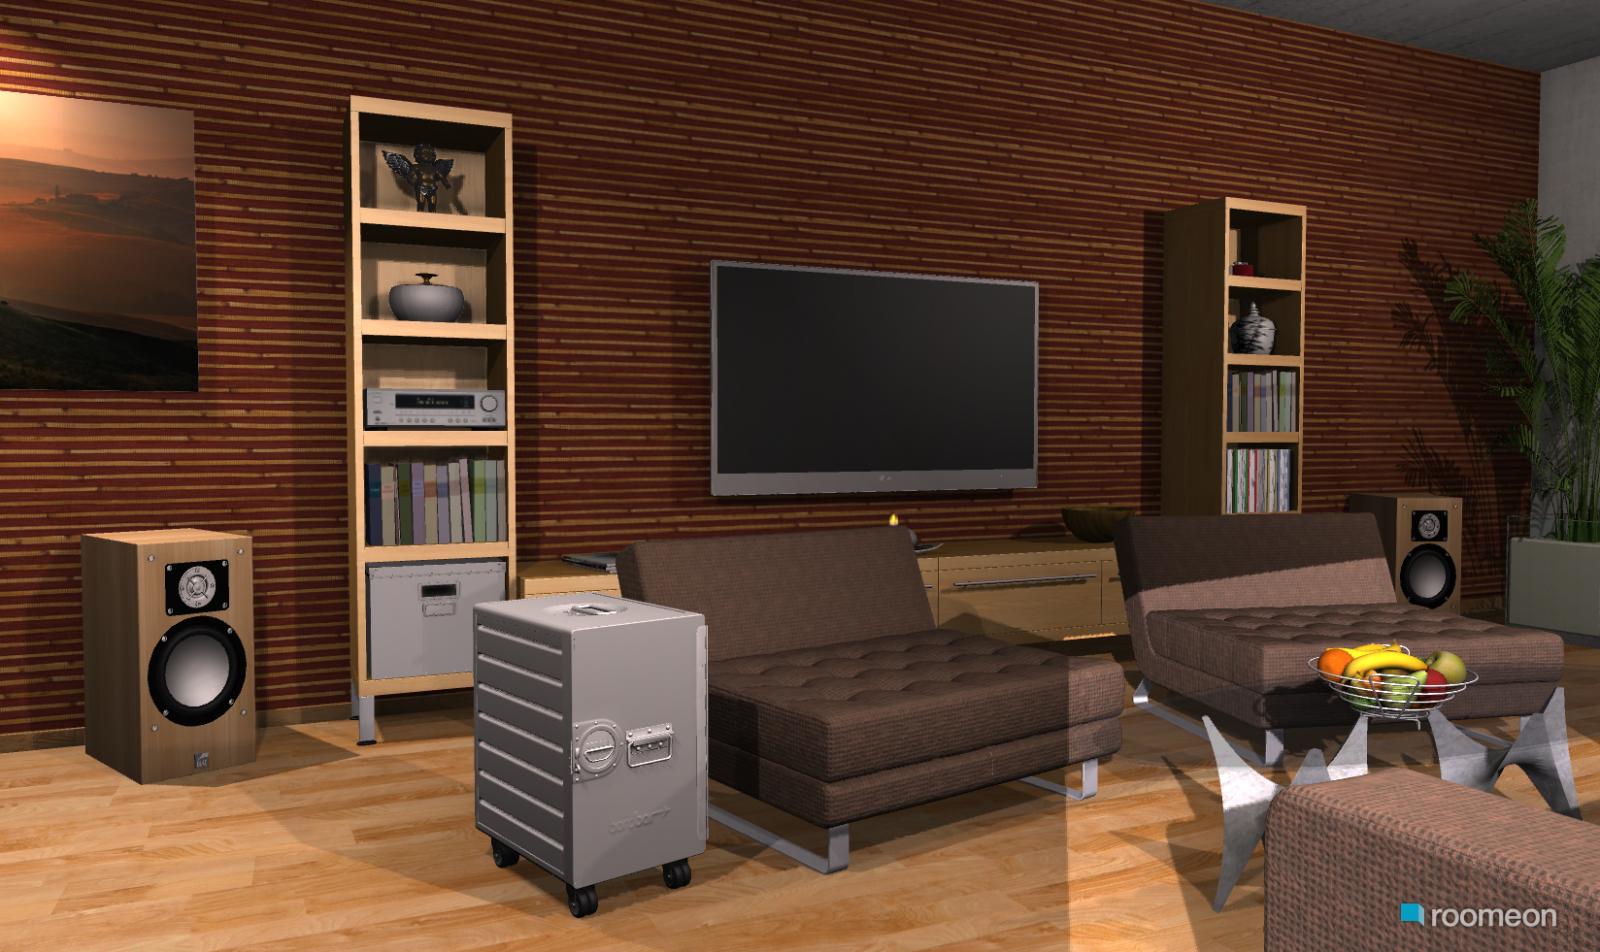 برنامج roomeon المجاني لتخطيط المنزل و تصميم الديكور - زووم على التقنية